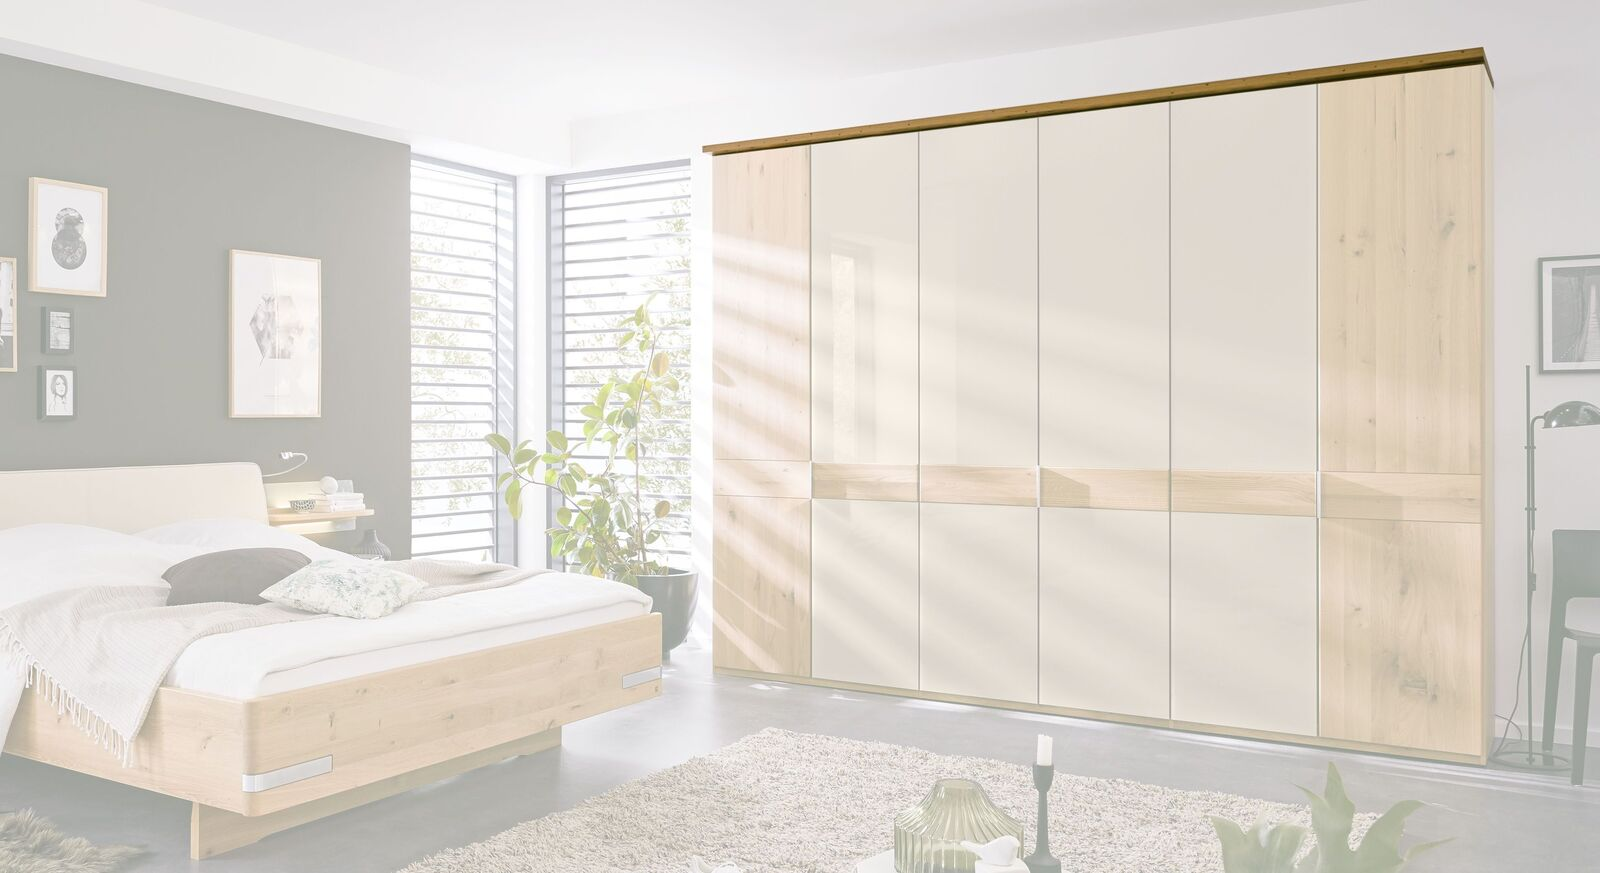 MUSTERRING Kranzleiste für Drehtüren-Kleiderschrank Savona 2.0 ohne Beleuchtung